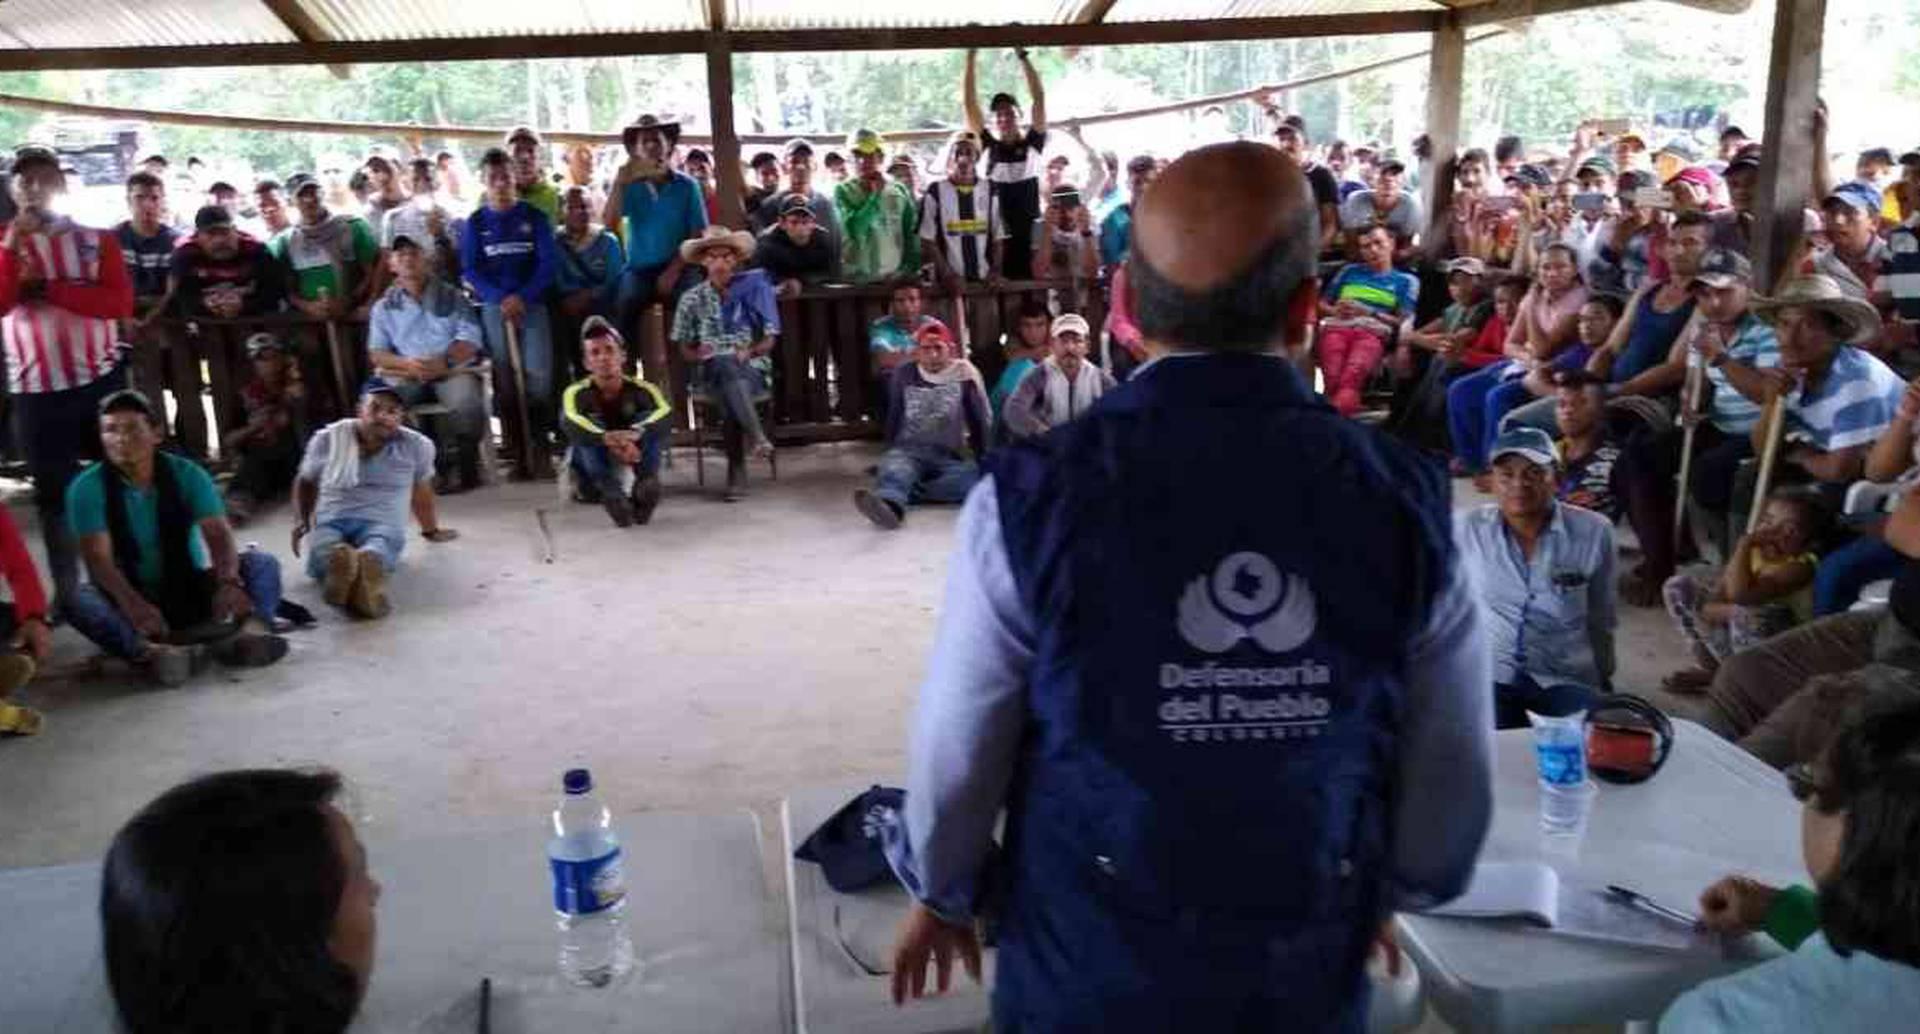 Reunión de la Defensoría del Pueblo con campesinos en el sector El Rubí, ubicado entre San Vicente del Caguán y La Macarena. Foto: Defensoría del Pueblo.